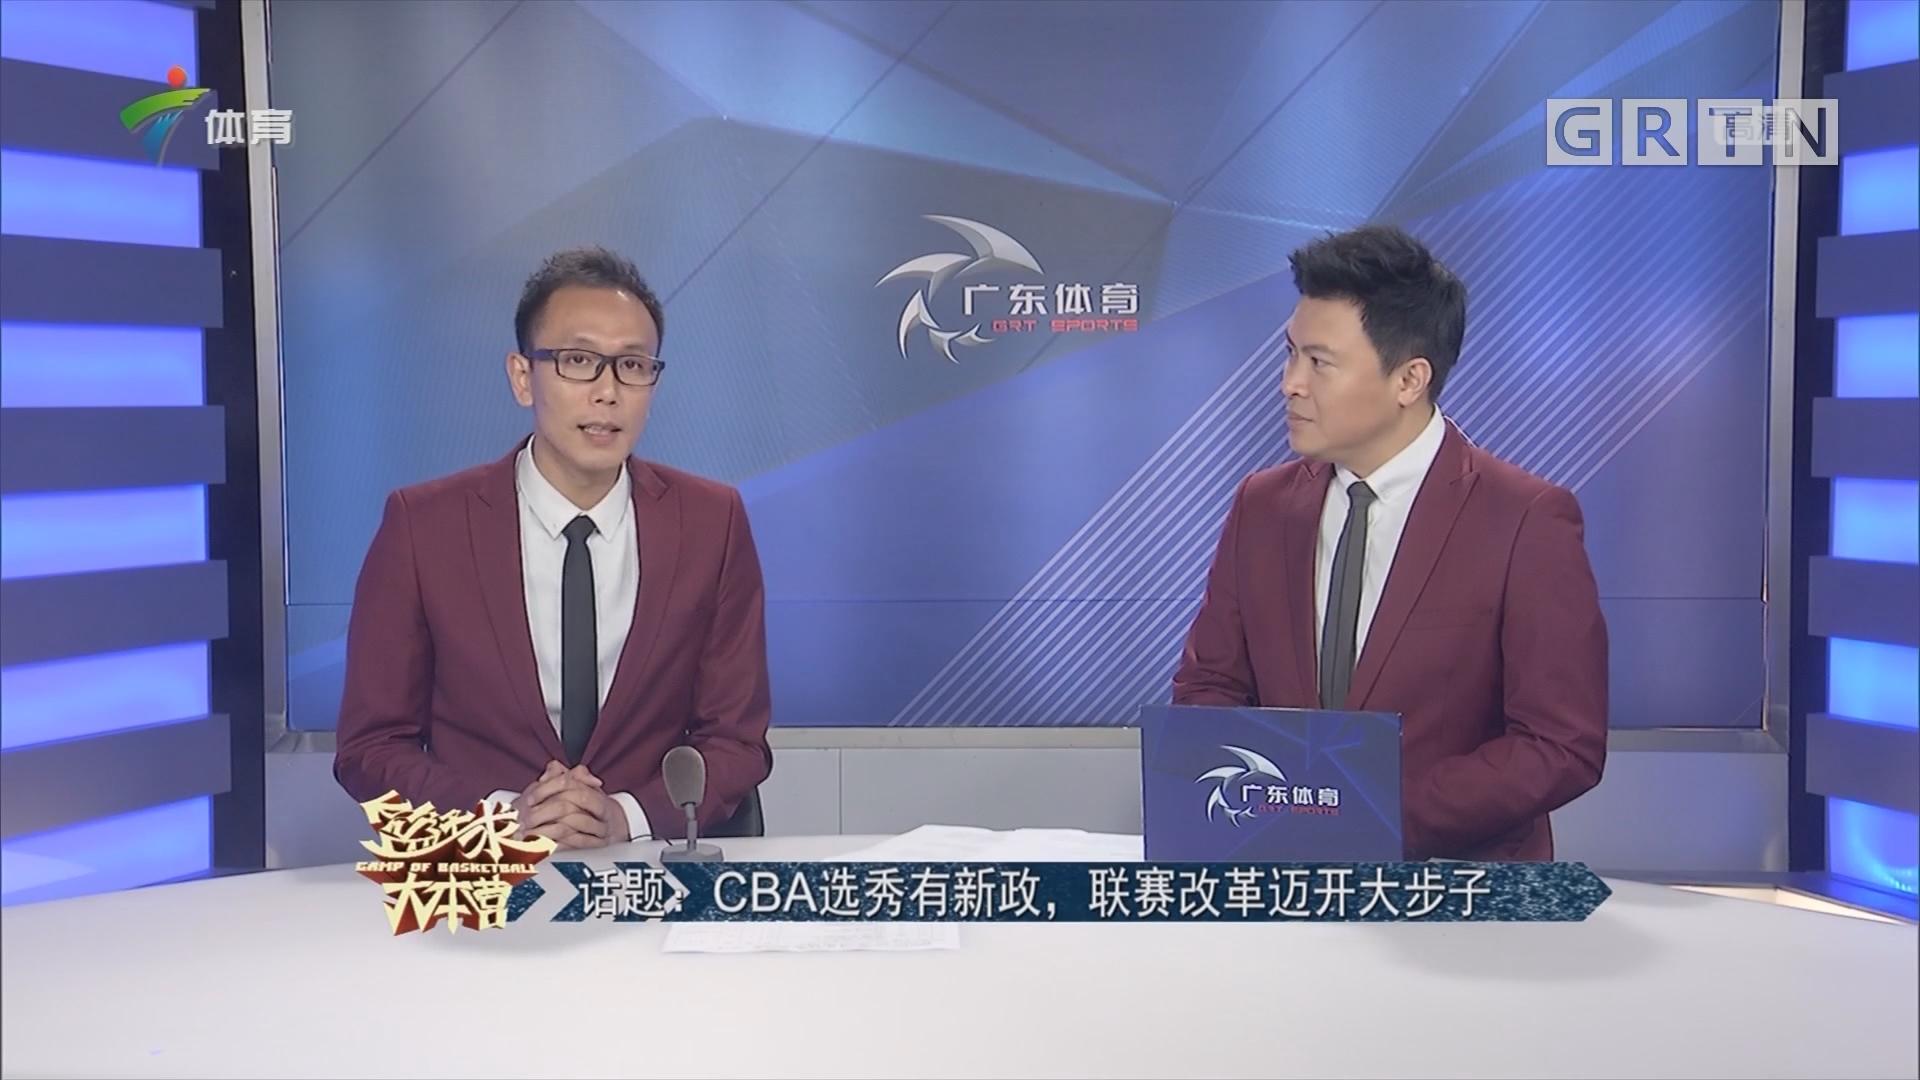 话题:CBA选秀有新政,联赛改革迈开大步子